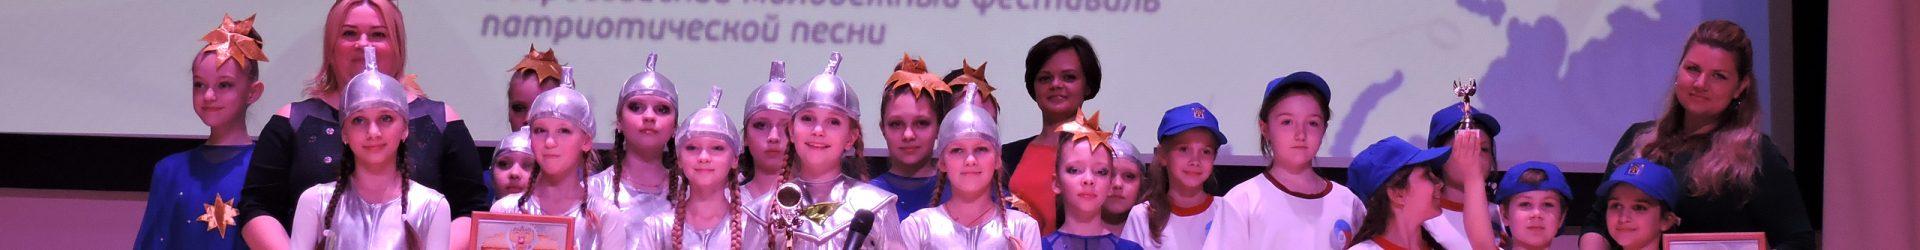 Награждение победителей и призеров районного конкурса песни «Я люблю тебя, Россия!»